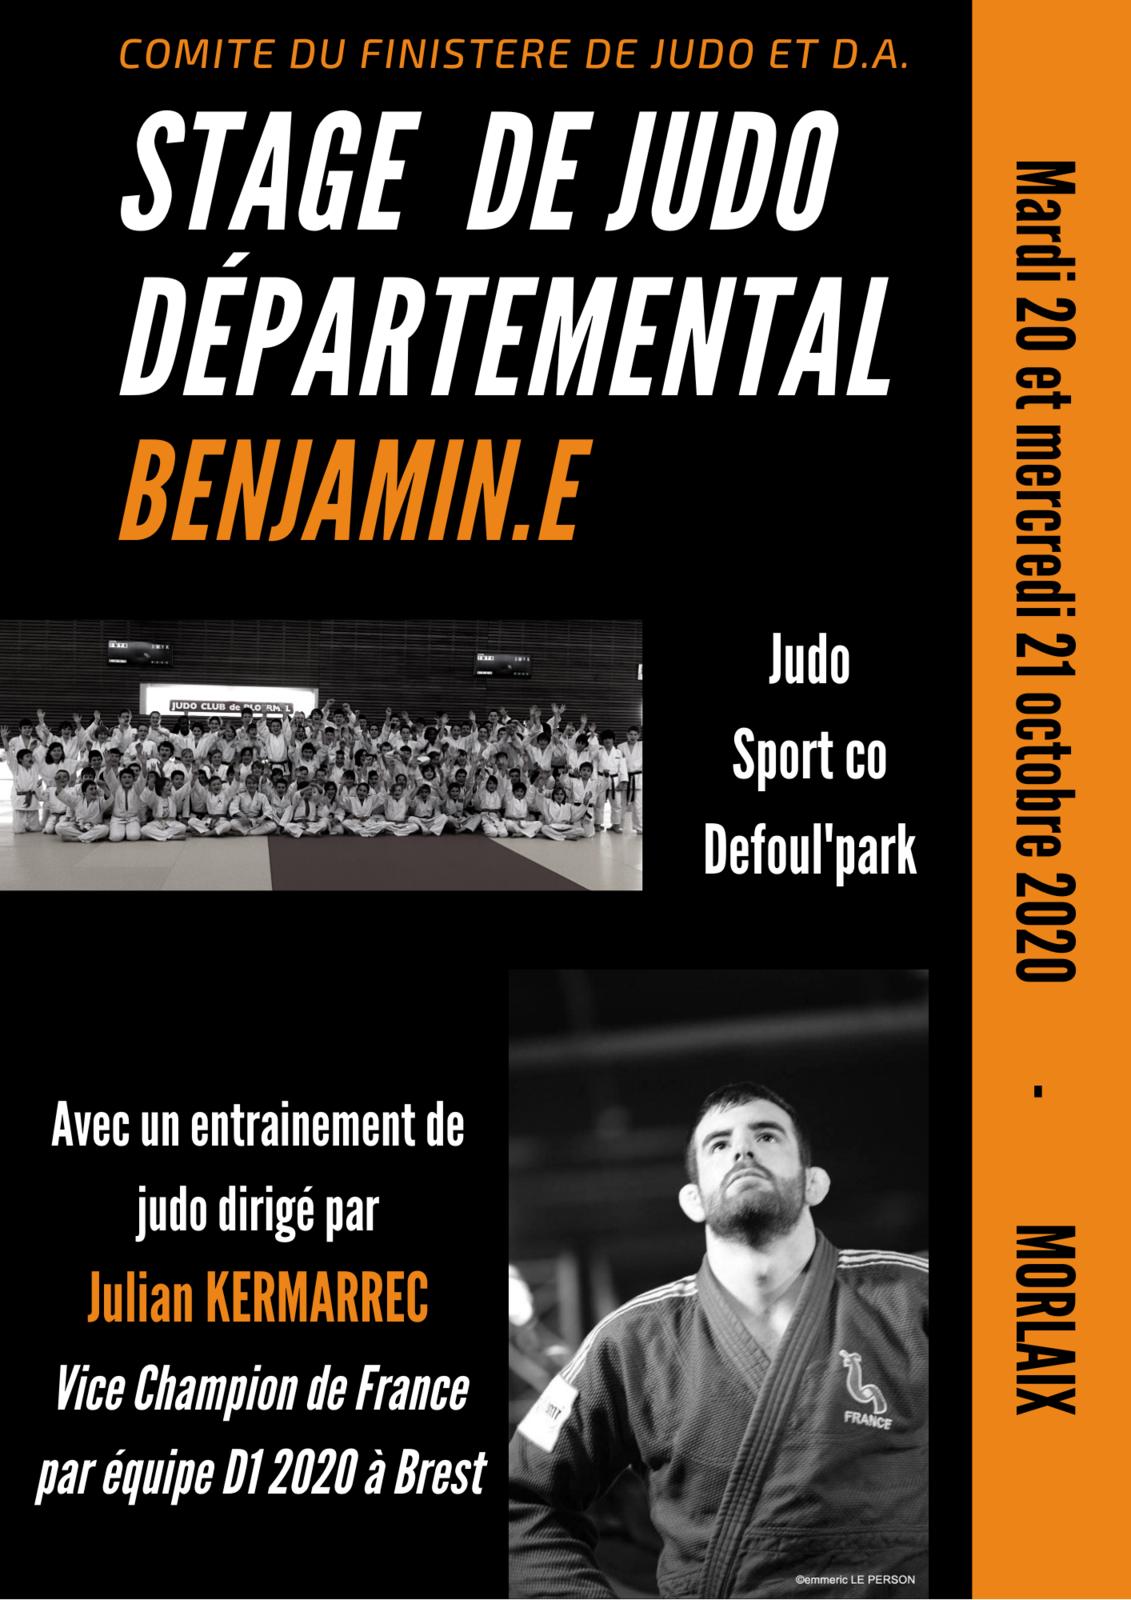 Stage de judo départemental Benjamin.es